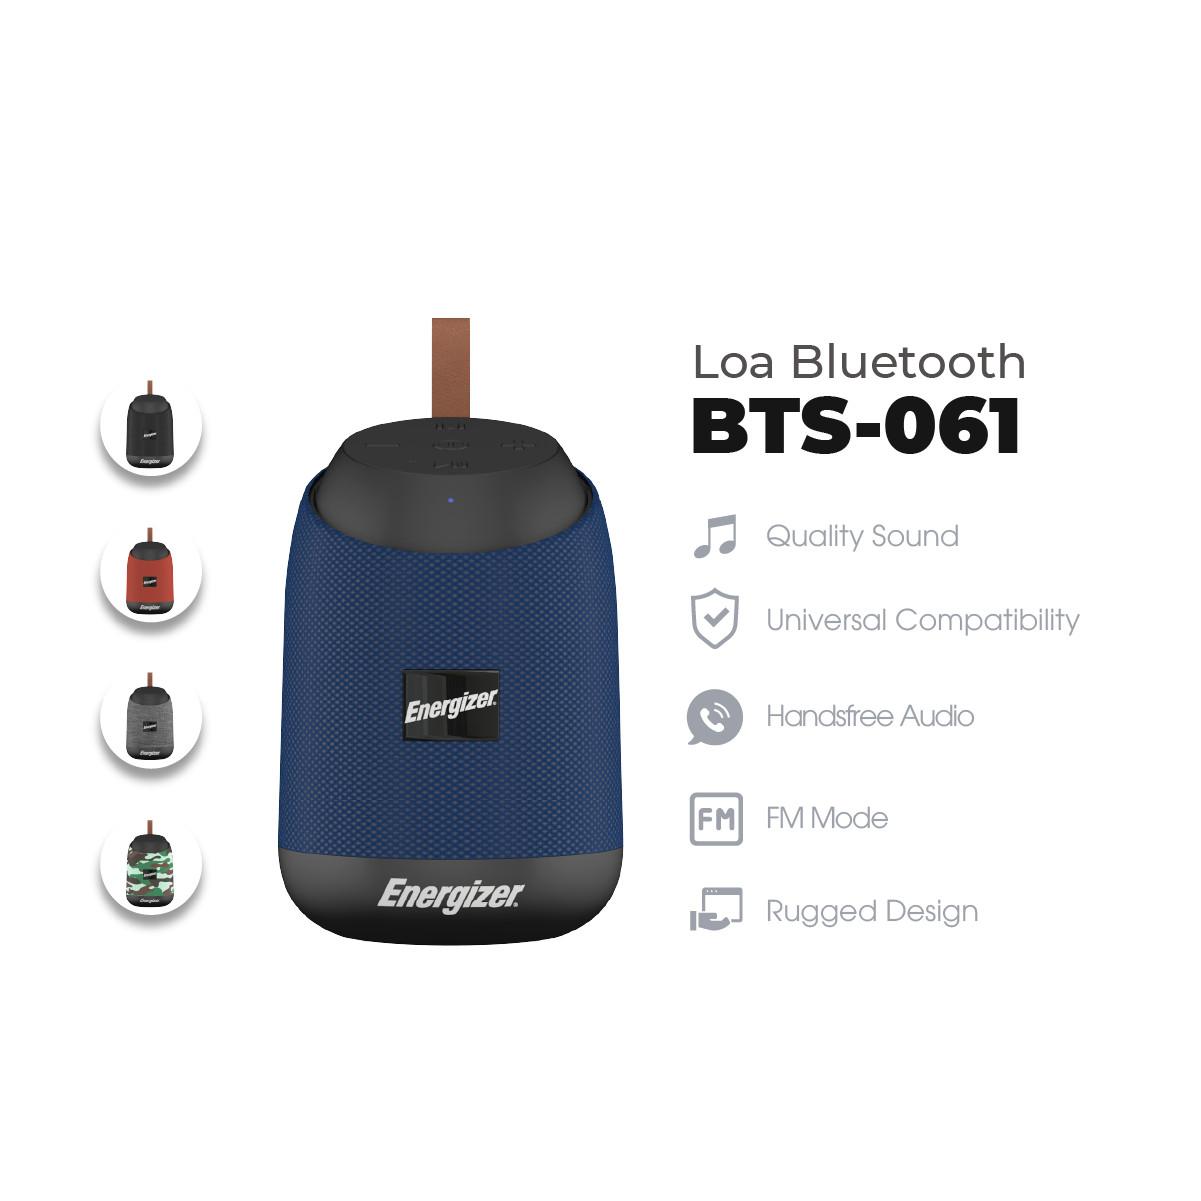 Loa Bluetooth di động Energizer BTS061 kiêm pin dự phòng - Kết nối Bluetooth 5.0, Tích hợp micro, hỗ trợ FM radio, thẻ Micro SD, cổng sạc USB-A - HÀNG CHÍNH HÃNG